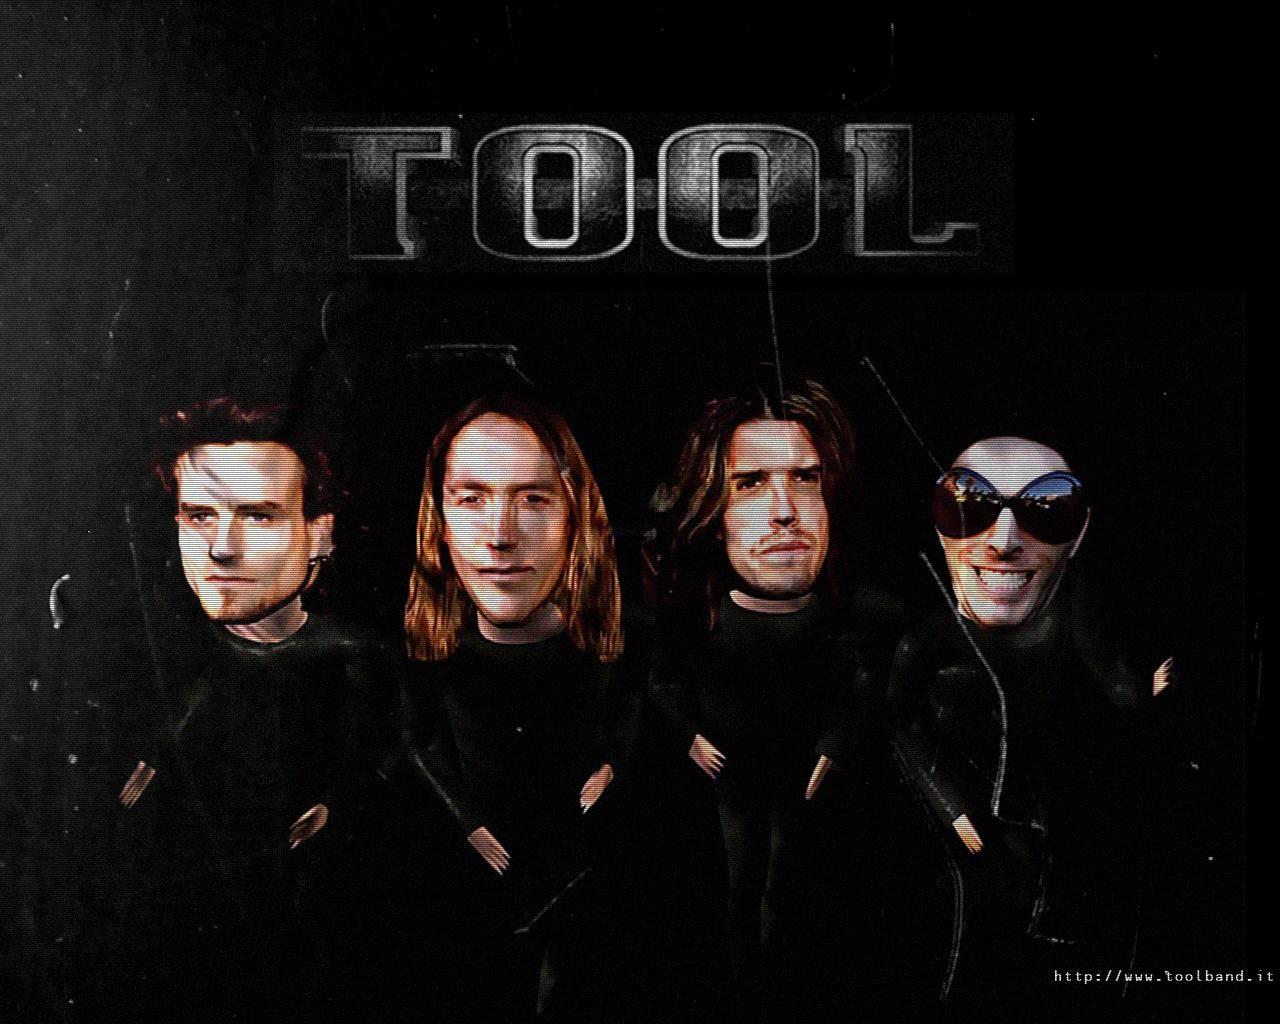 Resultado de imagen de tool band